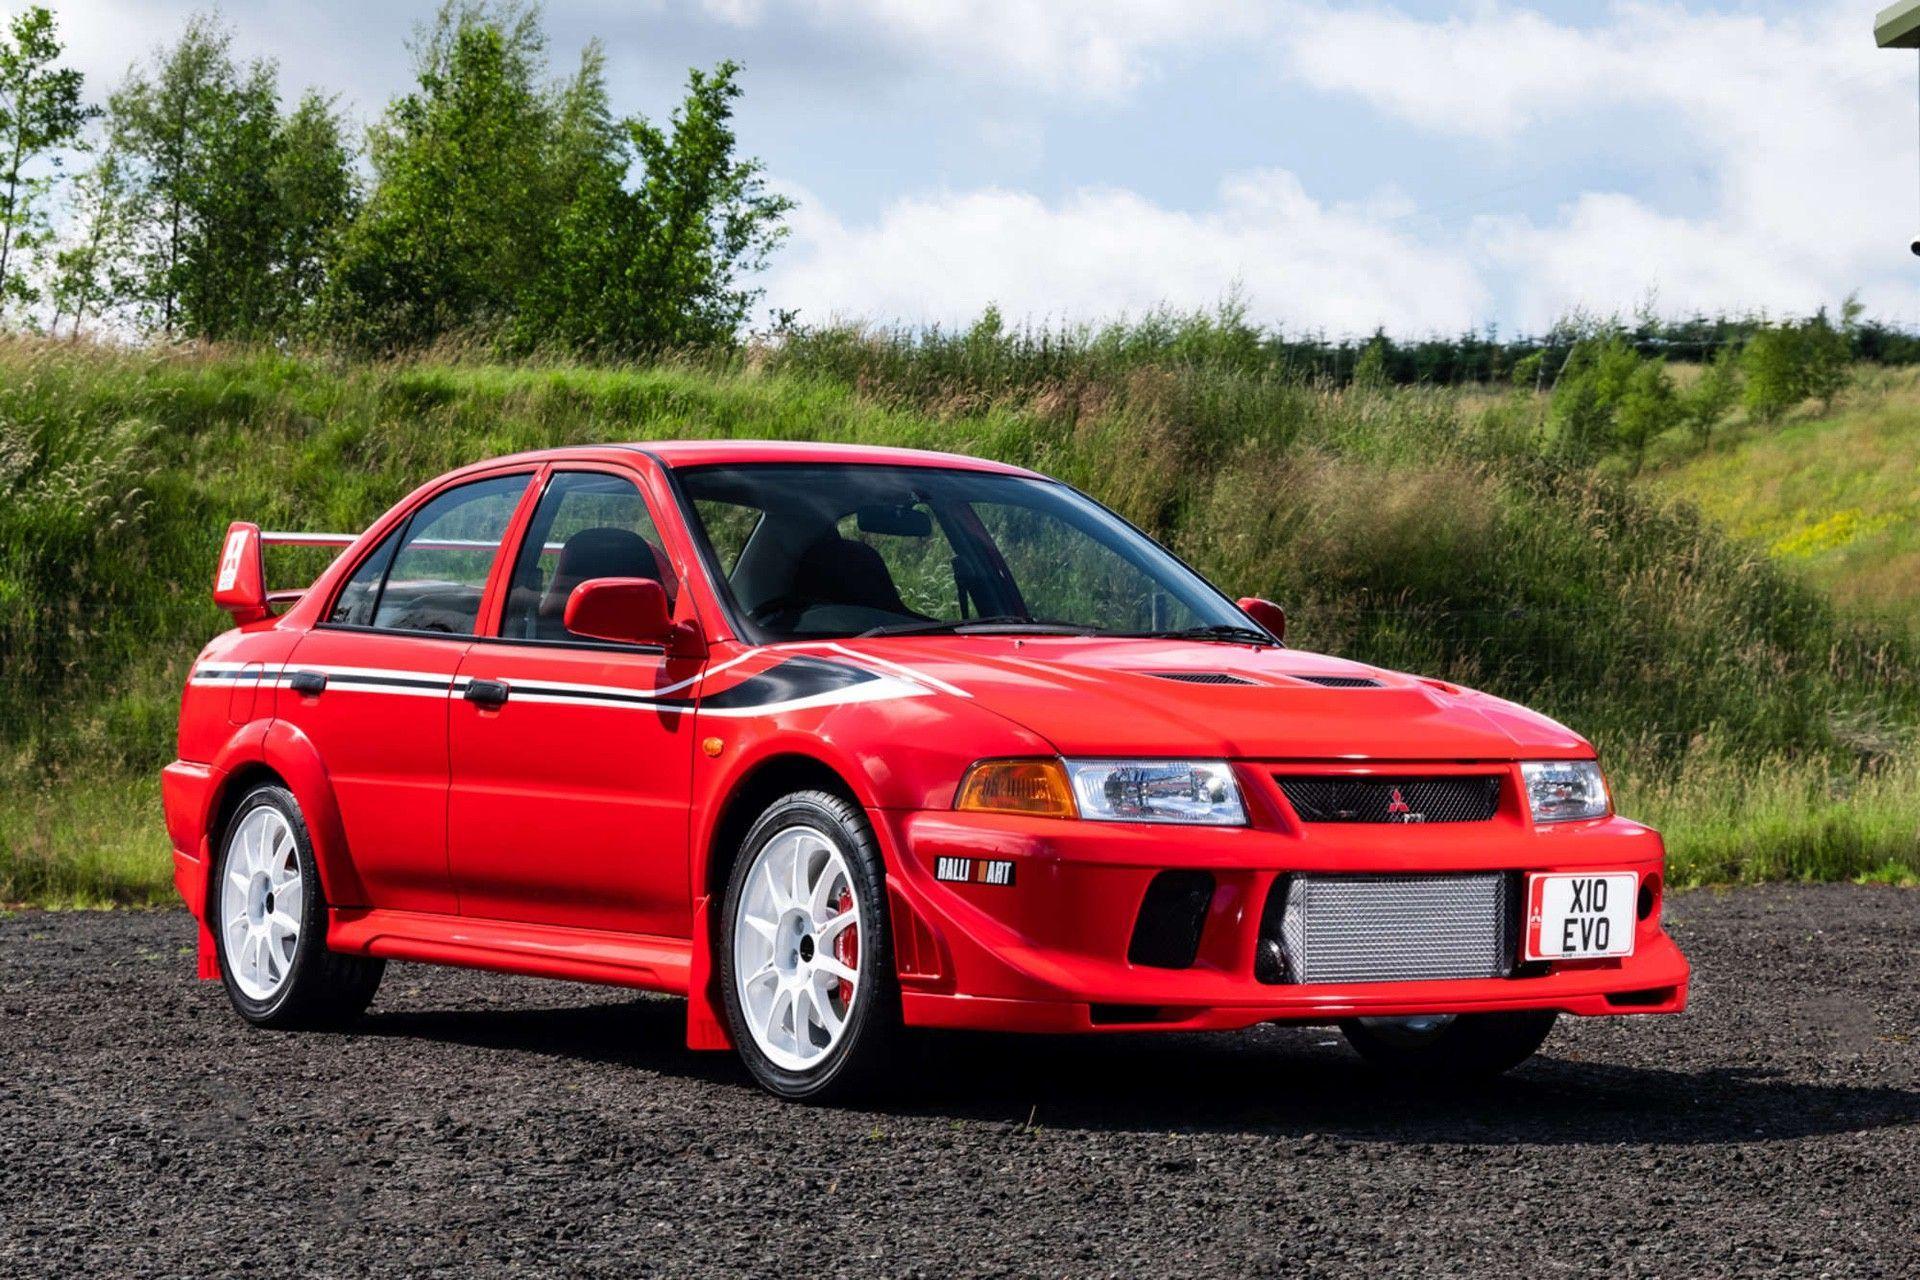 2000_Mitsubishi_Lancer_Evolution_VI_Tommi_Makinen_Edition_sale-0034